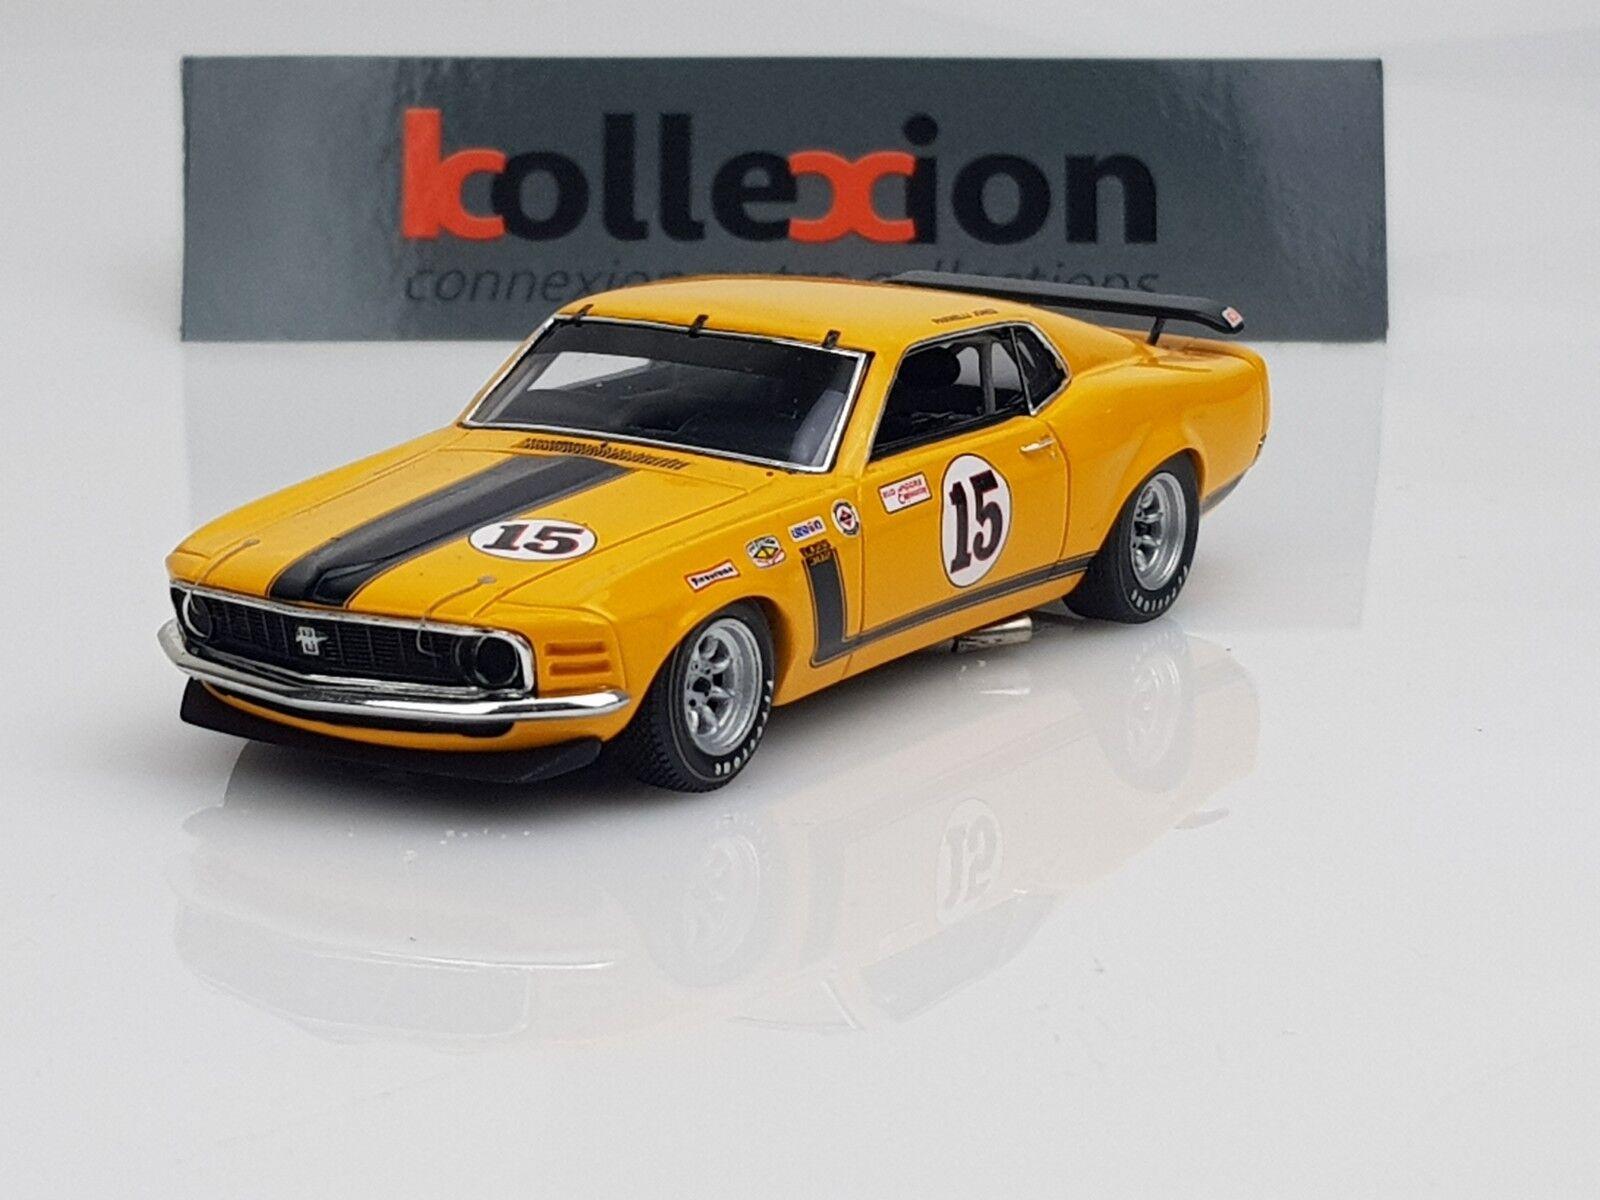 Maison neuve, satisfaite de la famille SPARK S2640 FORD Mustang n°15 Tran-Am 1970 Jones 1.43 | La Mode De  | Dans Plusieurs Styles  | Sélection Large